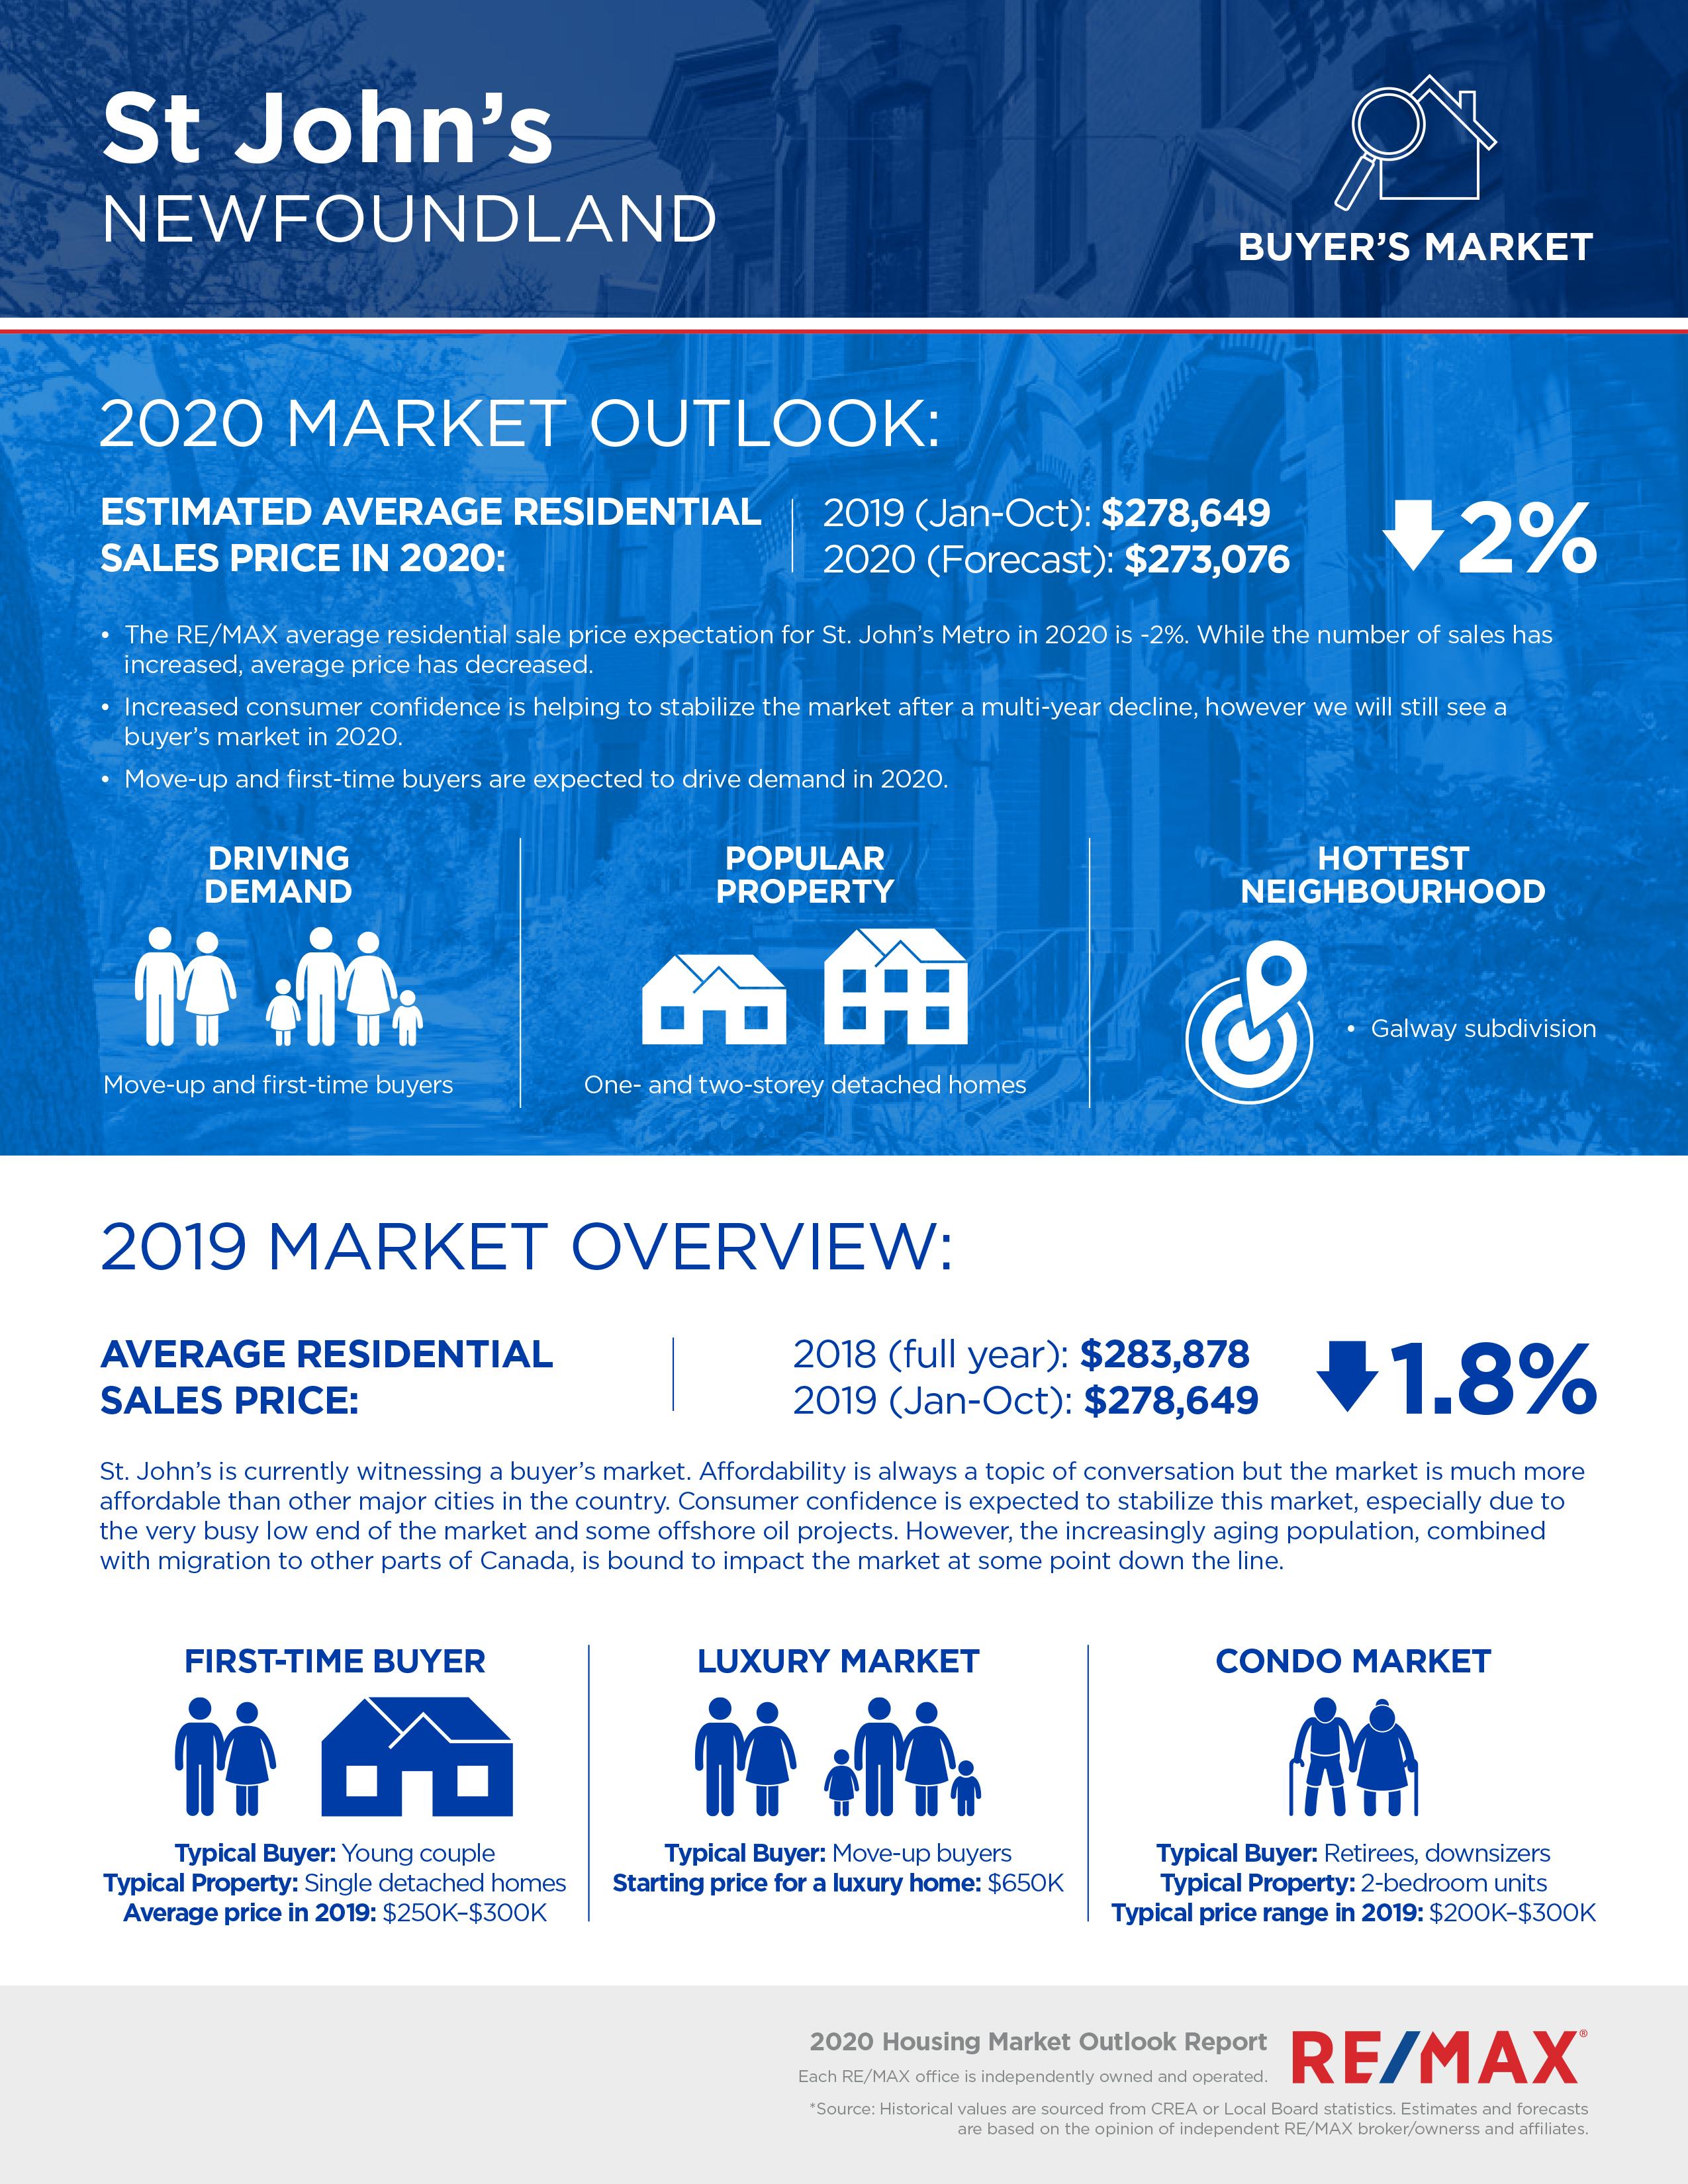 St. John's housing market report